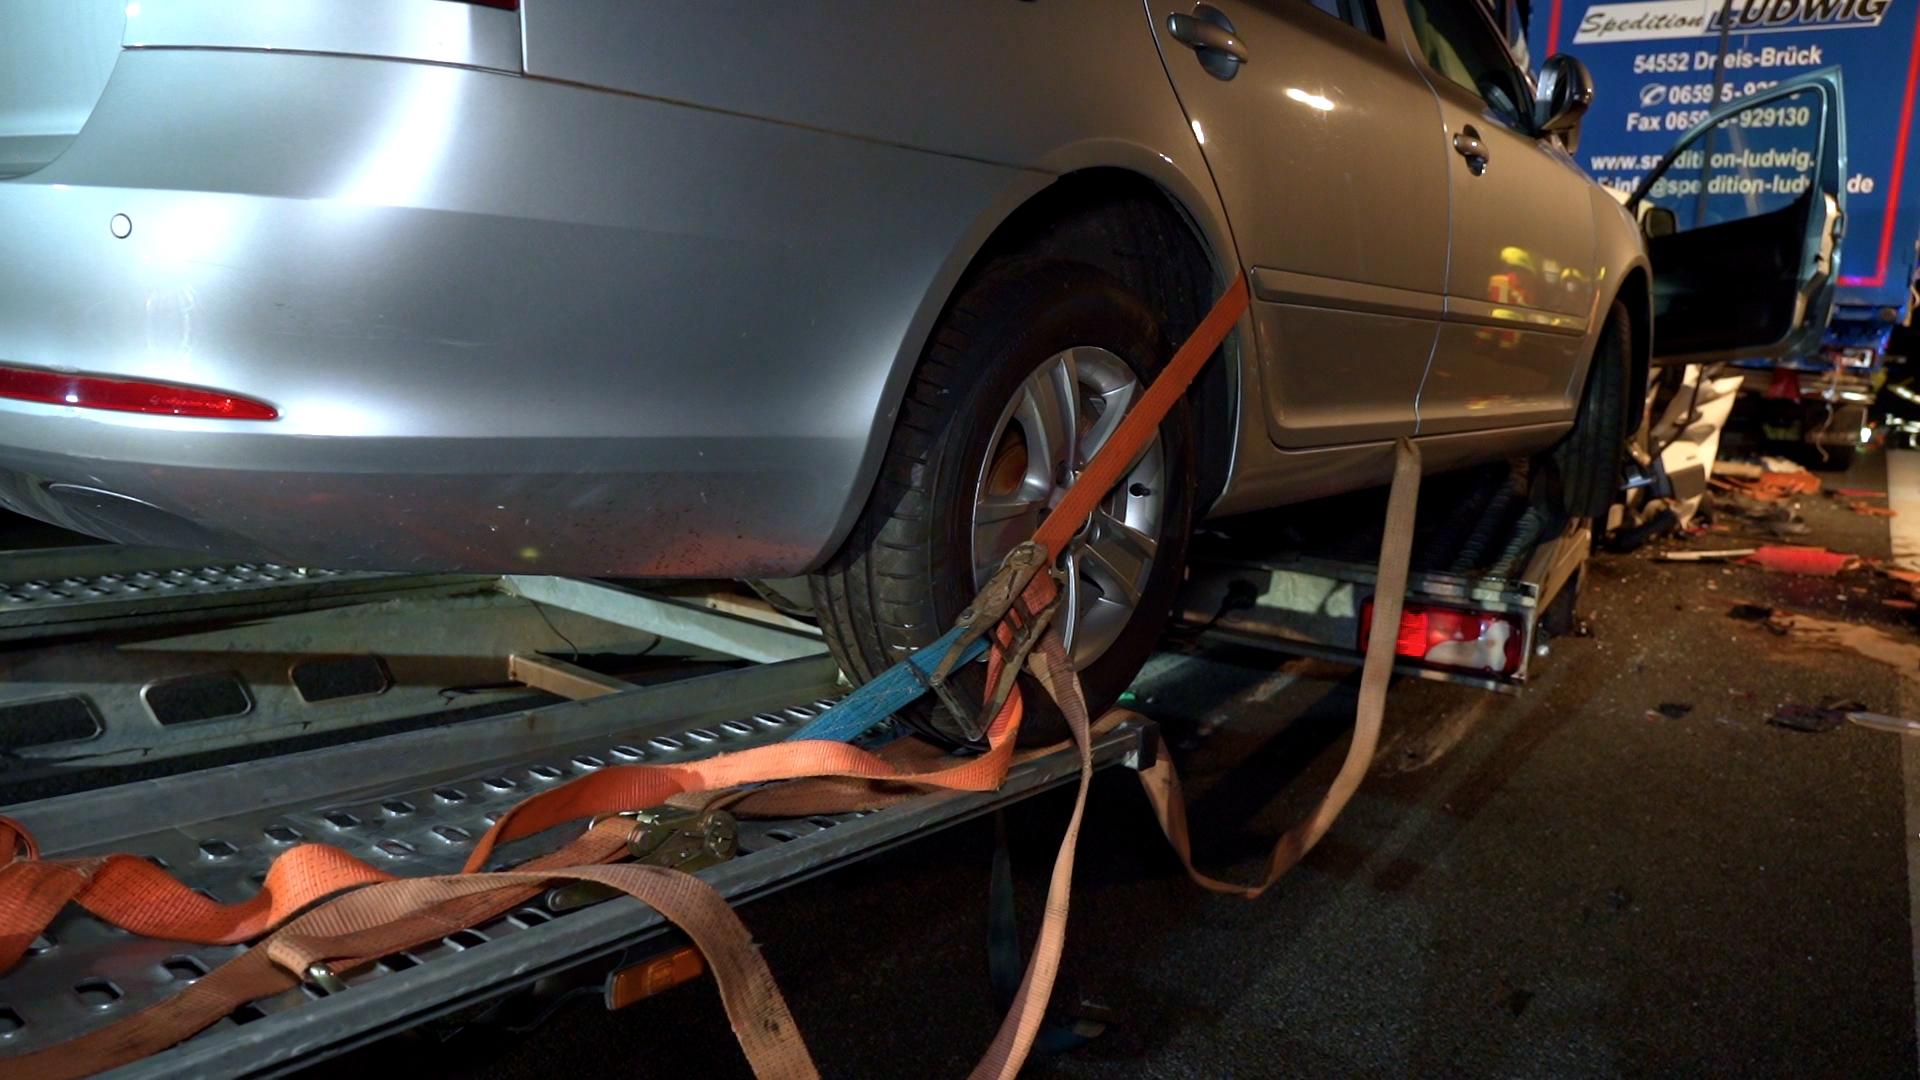 """Mit teilweise alten Spanngurten """"gesichert"""": Die beiden Autos lösten sich auf der Ladefläche und drückten die Fahrerkabine noch weiter unter den 40-Tonner."""